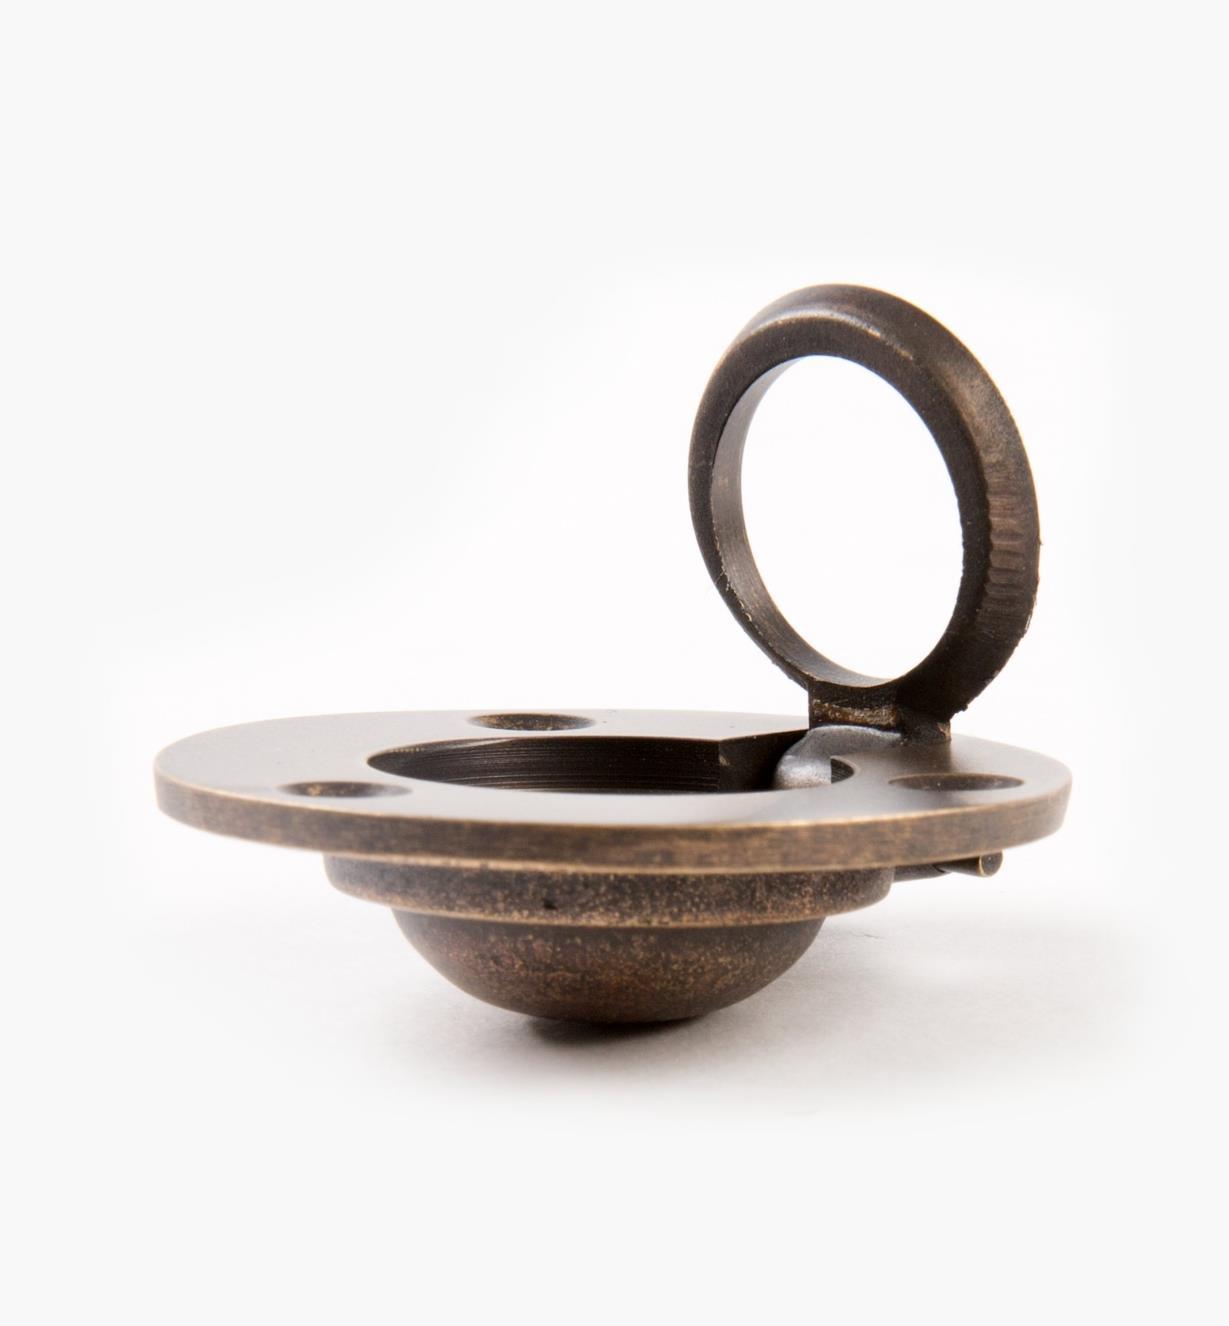 00A1824 - Poignée à anneau encastré forgée circulaire, 113/16po